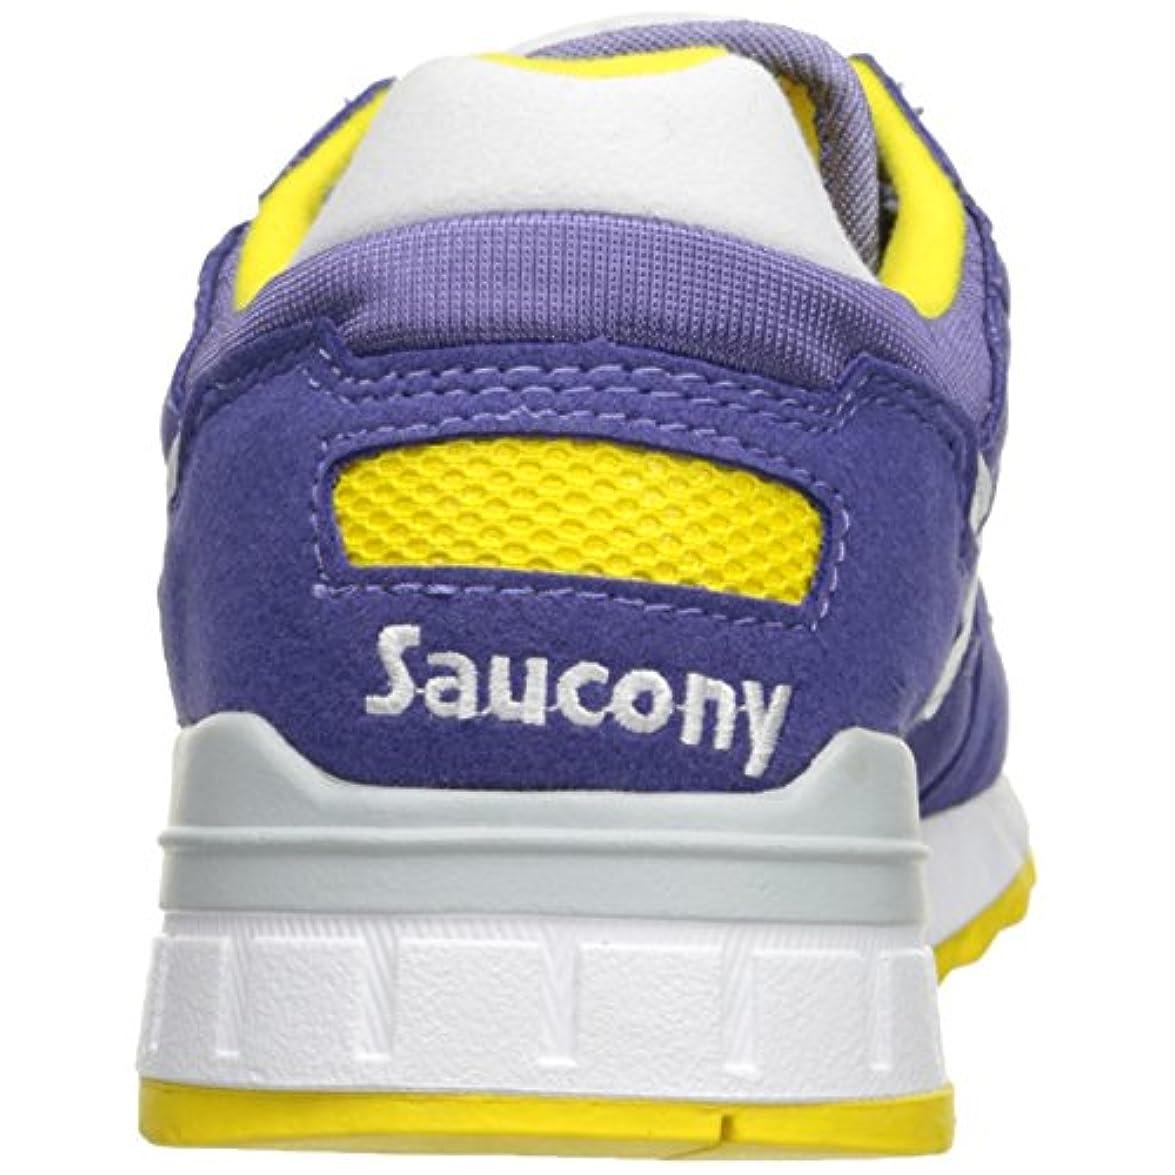 Saucony Scarpe Shadow 5000 Viola P e 2016 60033-91 - 301415